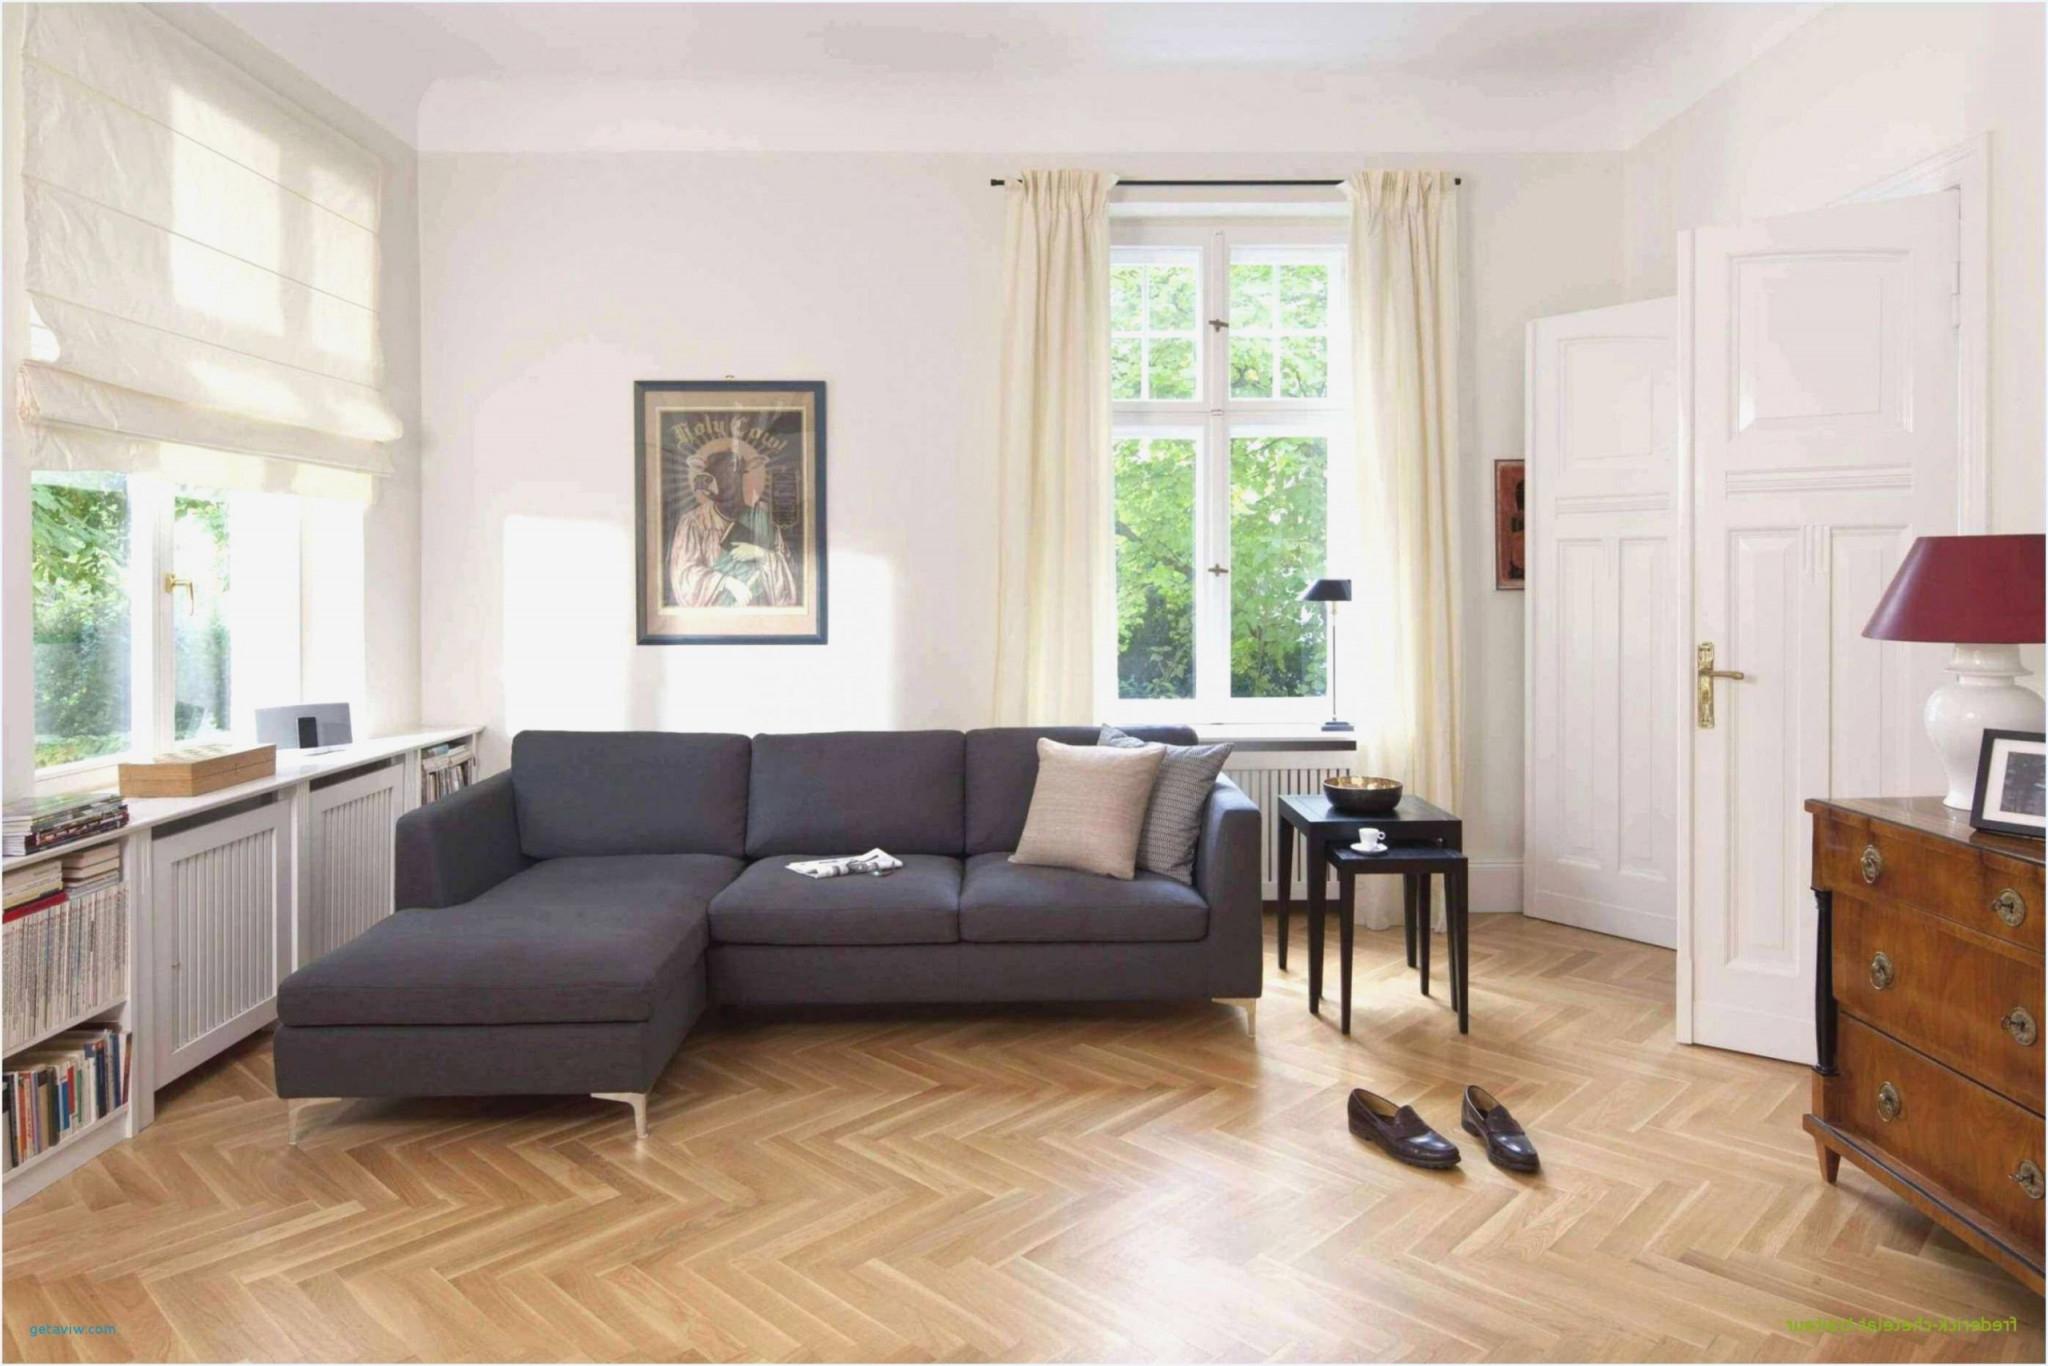 Schmales Wohnzimmer Ideen  Wohnzimmer  Traumhaus von Schmales Wohnzimmer Ideen Photo